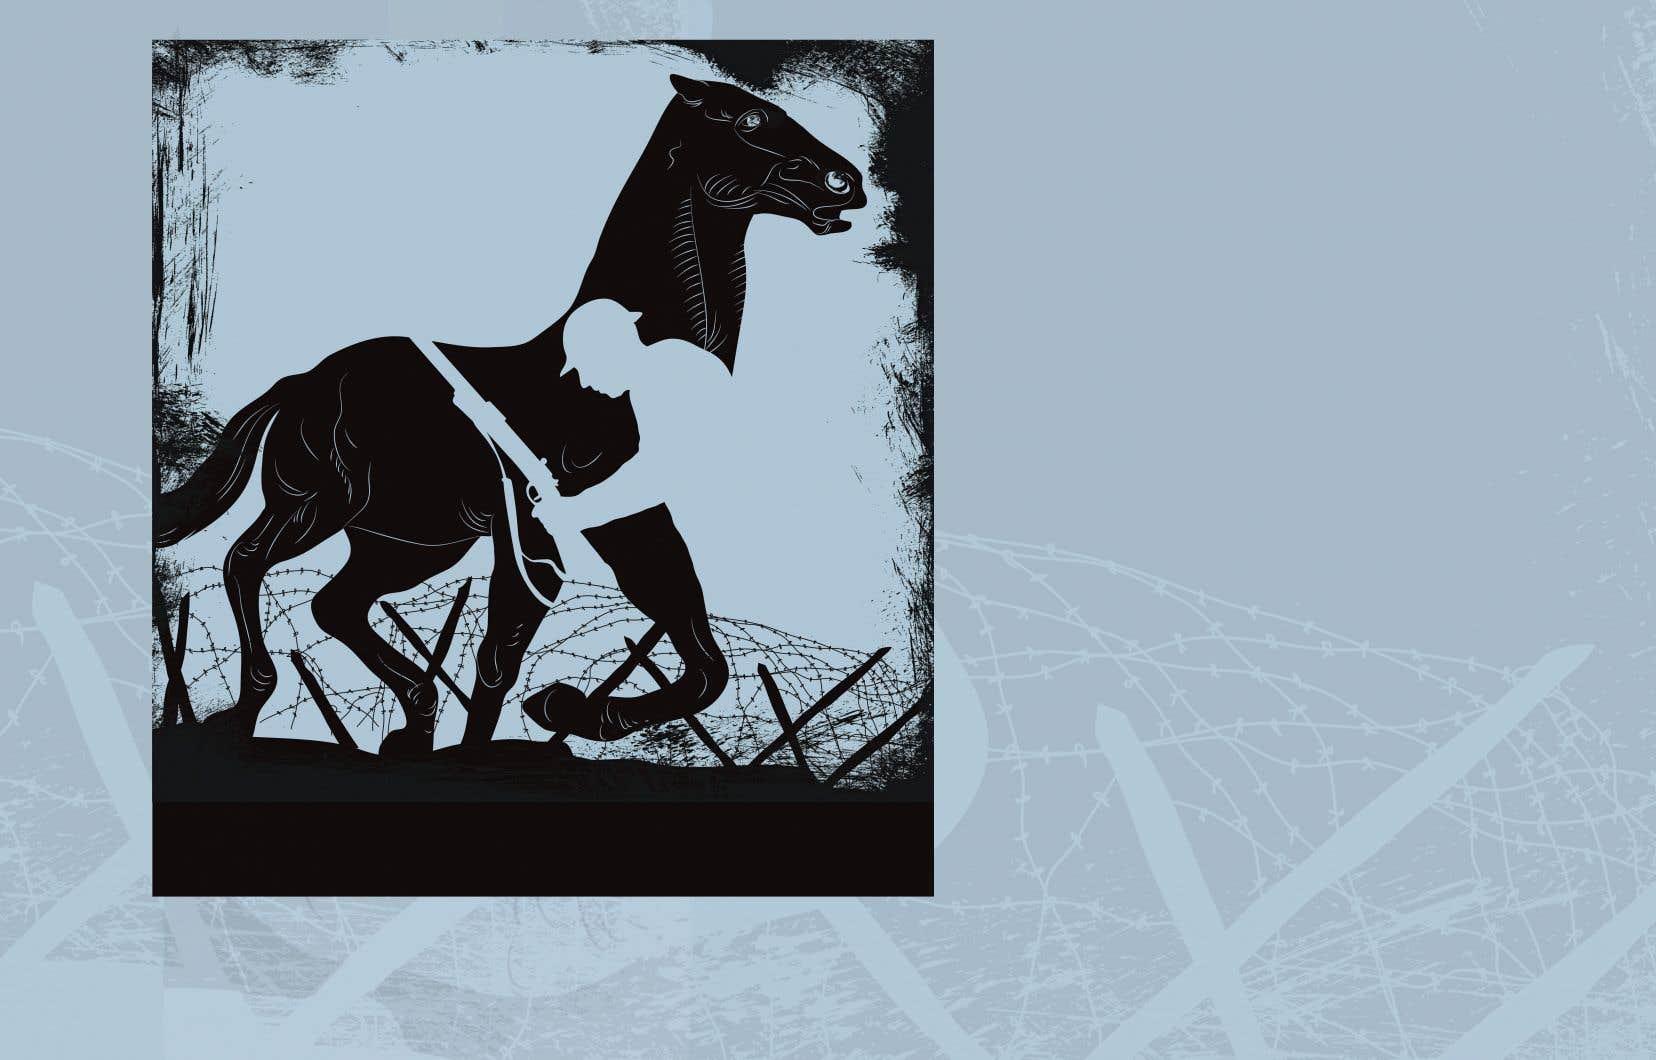 À la fin de la guerre, on estime que plus de 10millions de chevaux y ont trouvé la mort, soit l'équivalent des pertes militaires humaines. Cette proportion de pertes représente 90% des animaux enrôlés au cours du conflit.